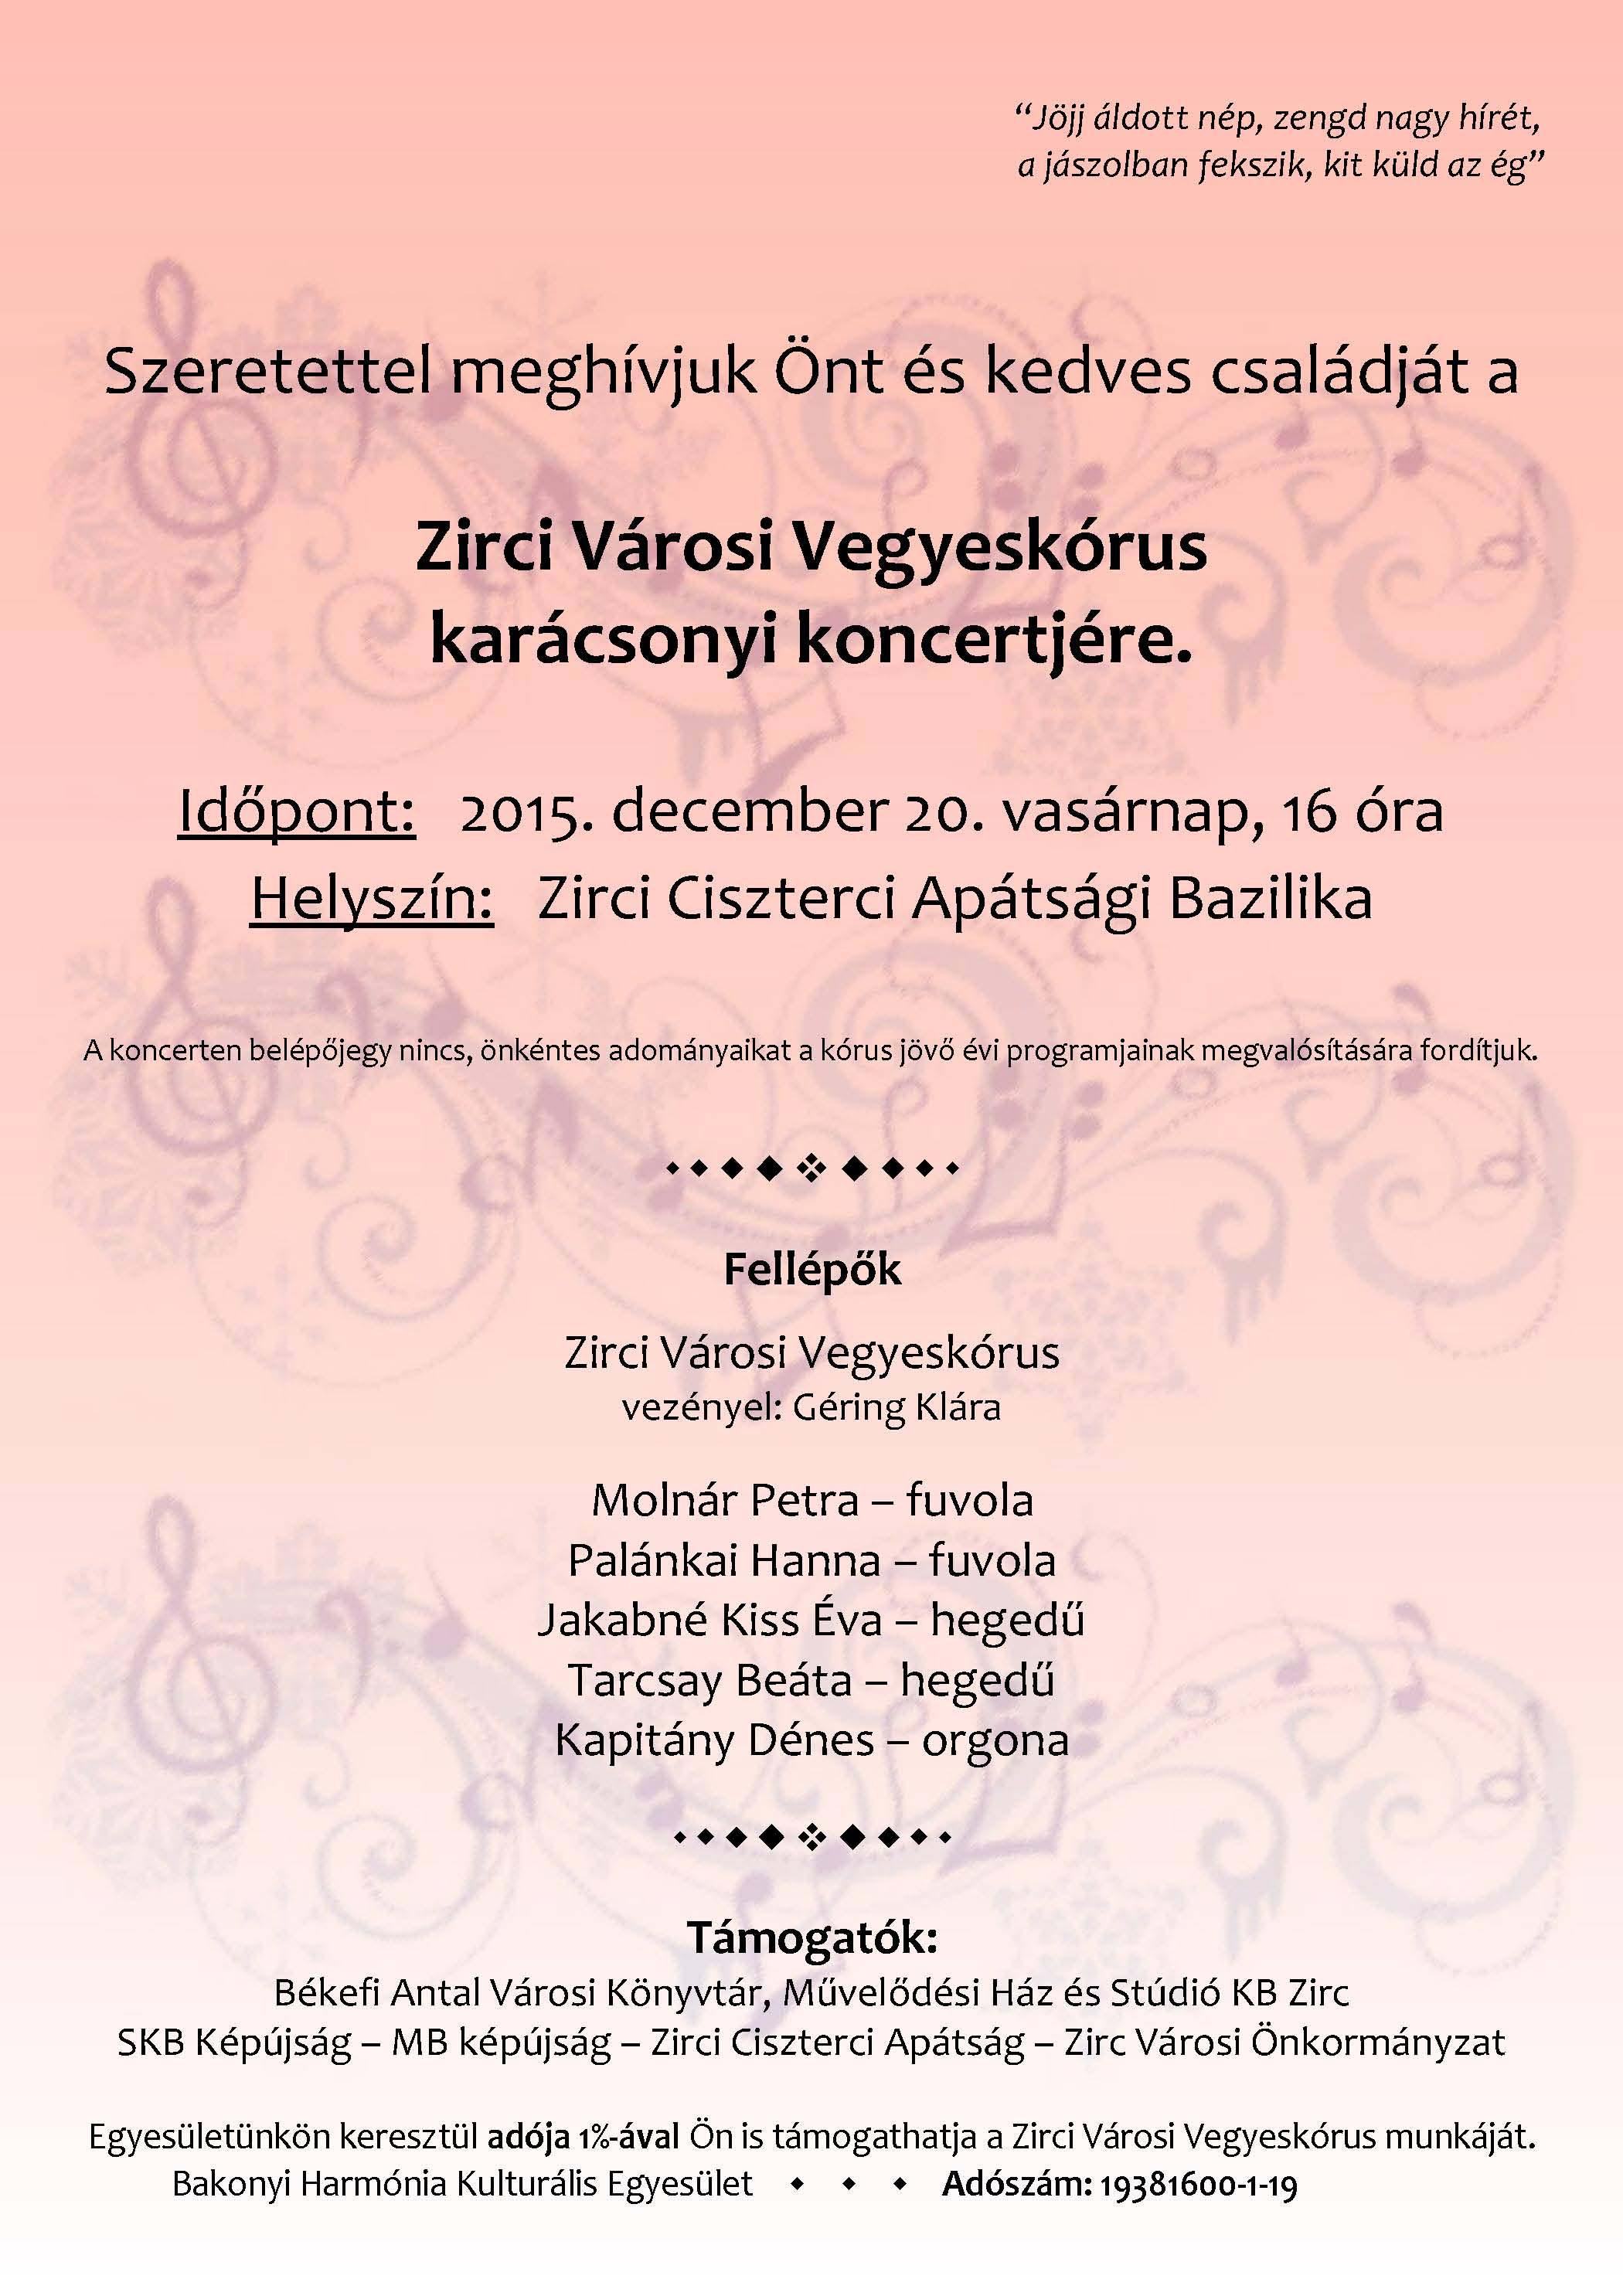 2015-12-20_zirci_varosi_vegyeskorus_koncert.jpg